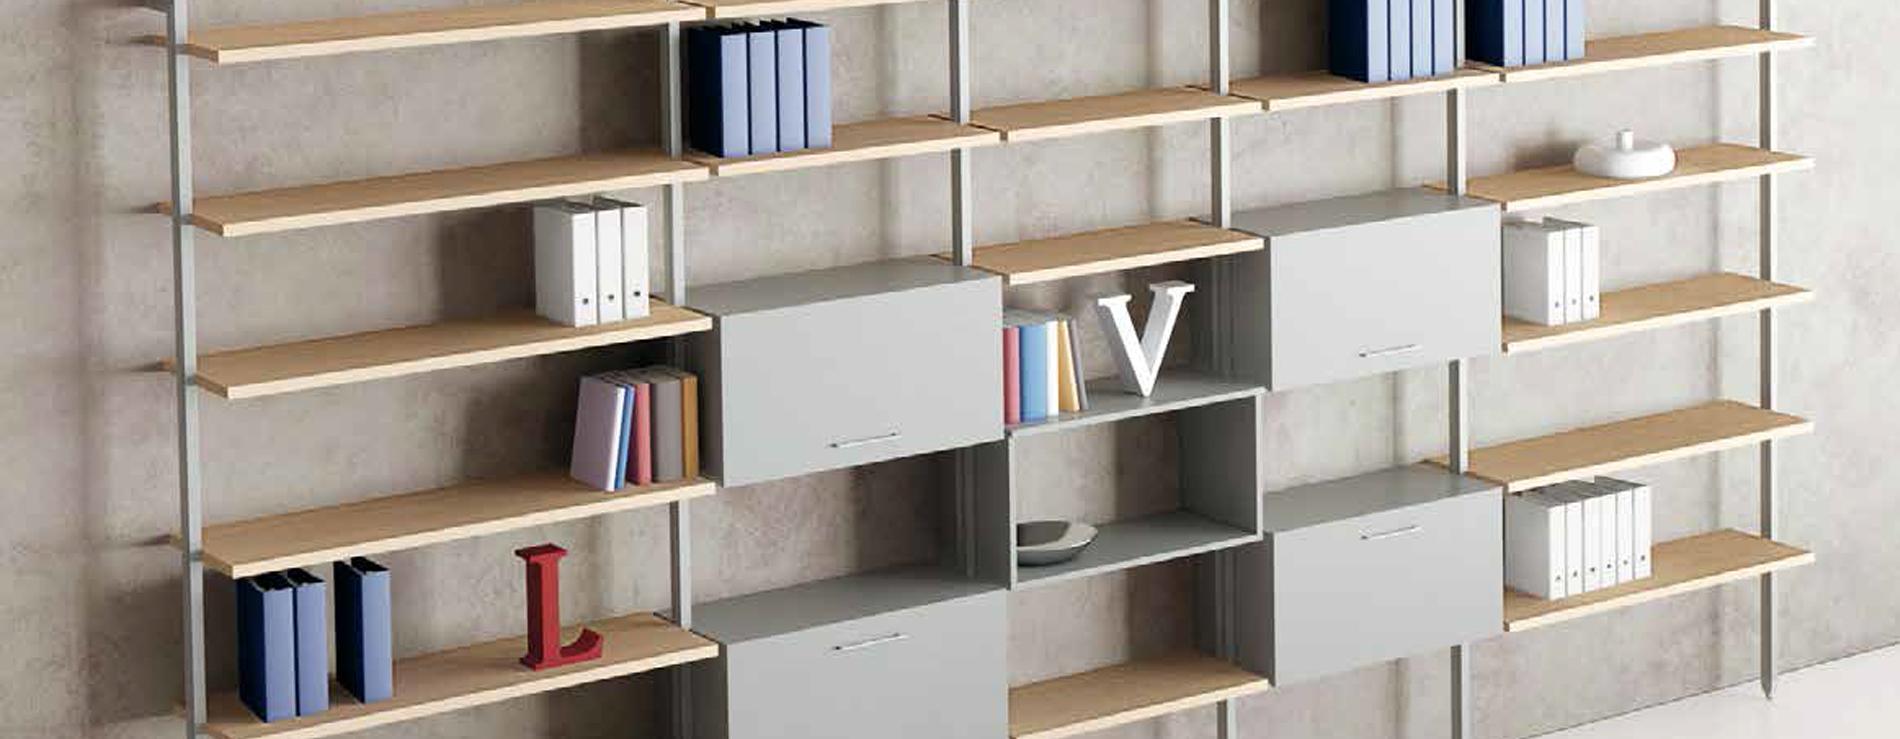 Libreria Archimede | MobilOffice